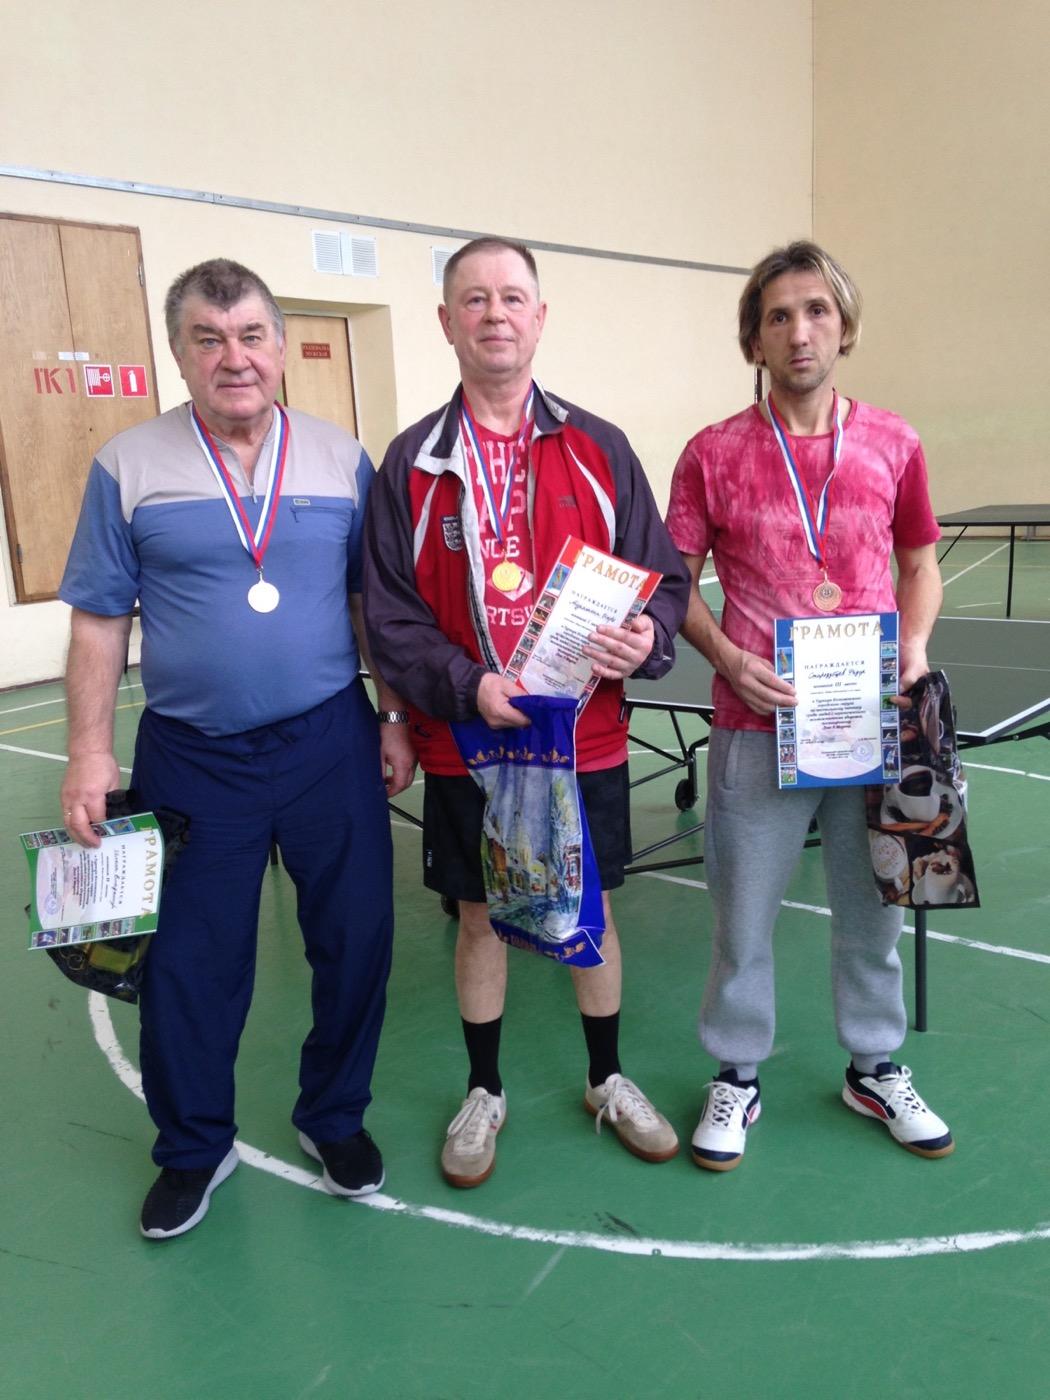 В Черкизово прошел Турнир Коломенского городского округа по настольному теннису